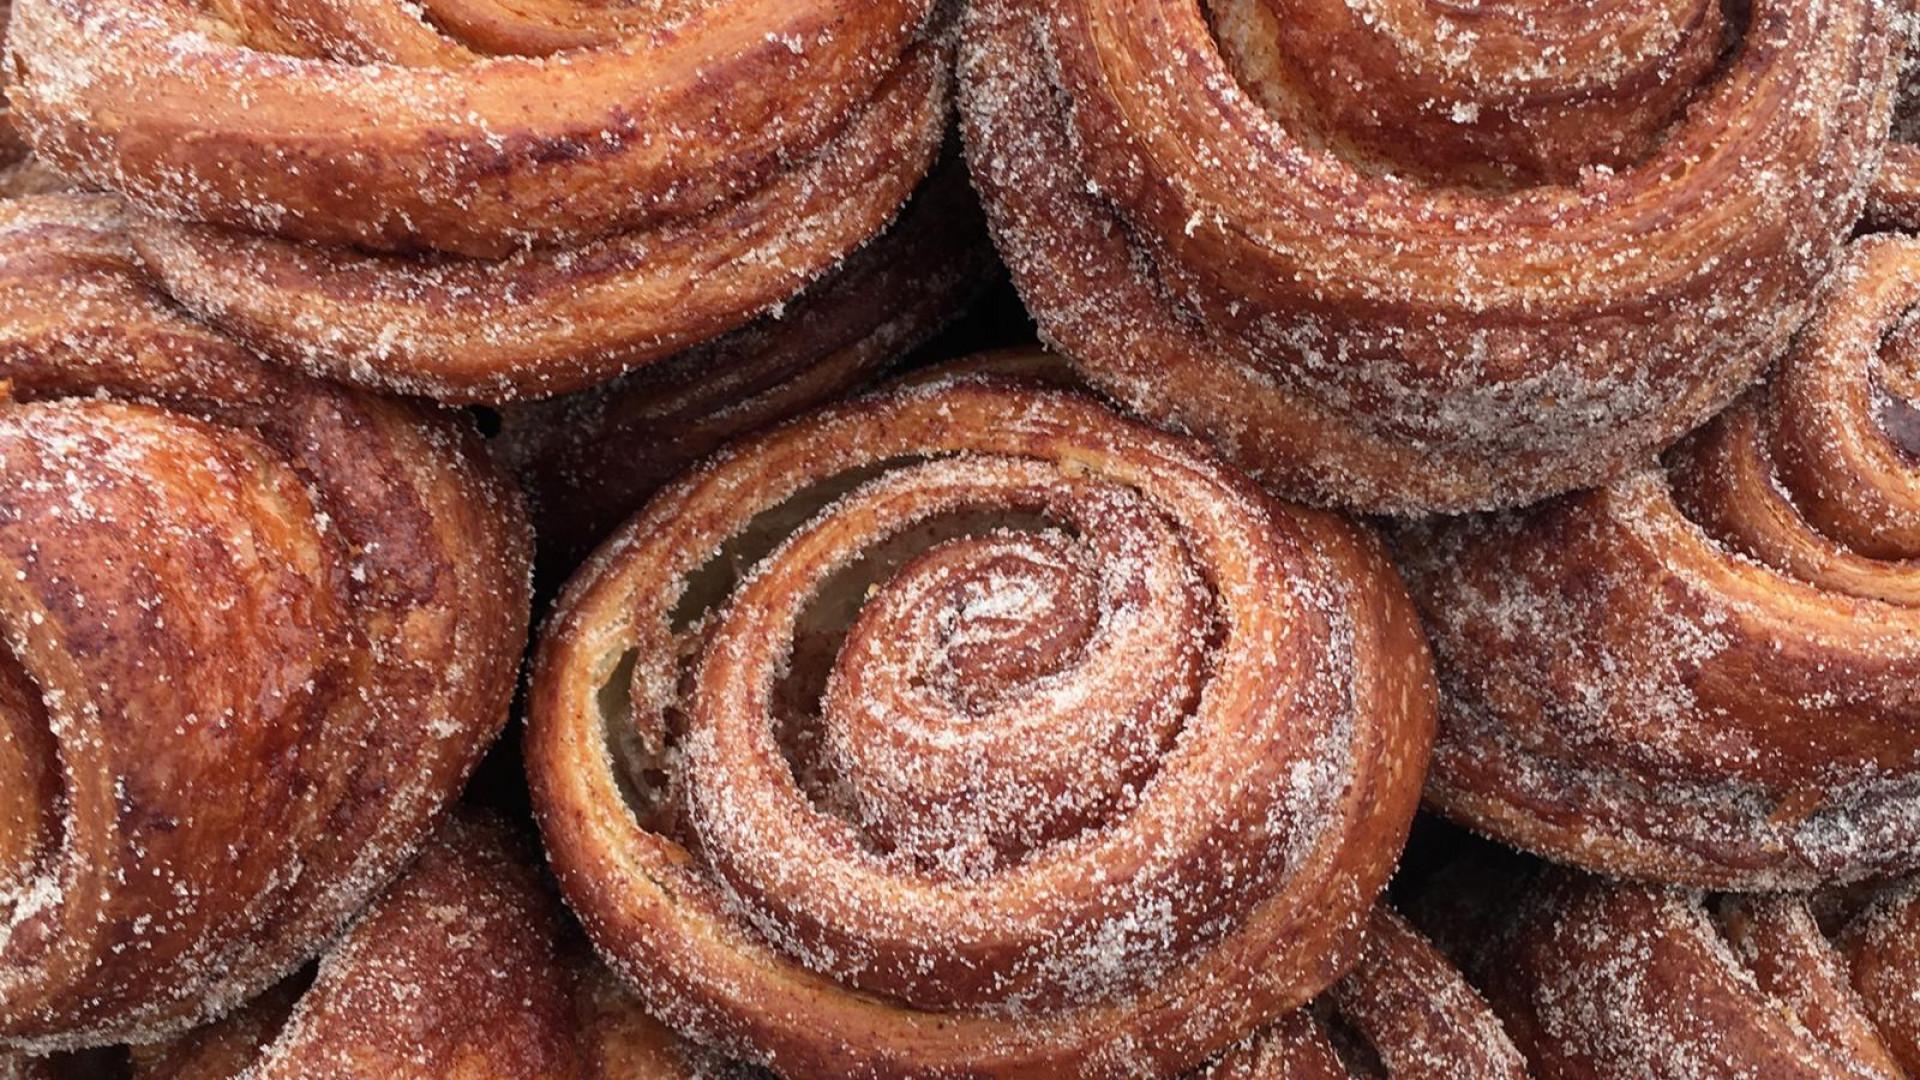 Soho restaurant guide: Gail's bakery